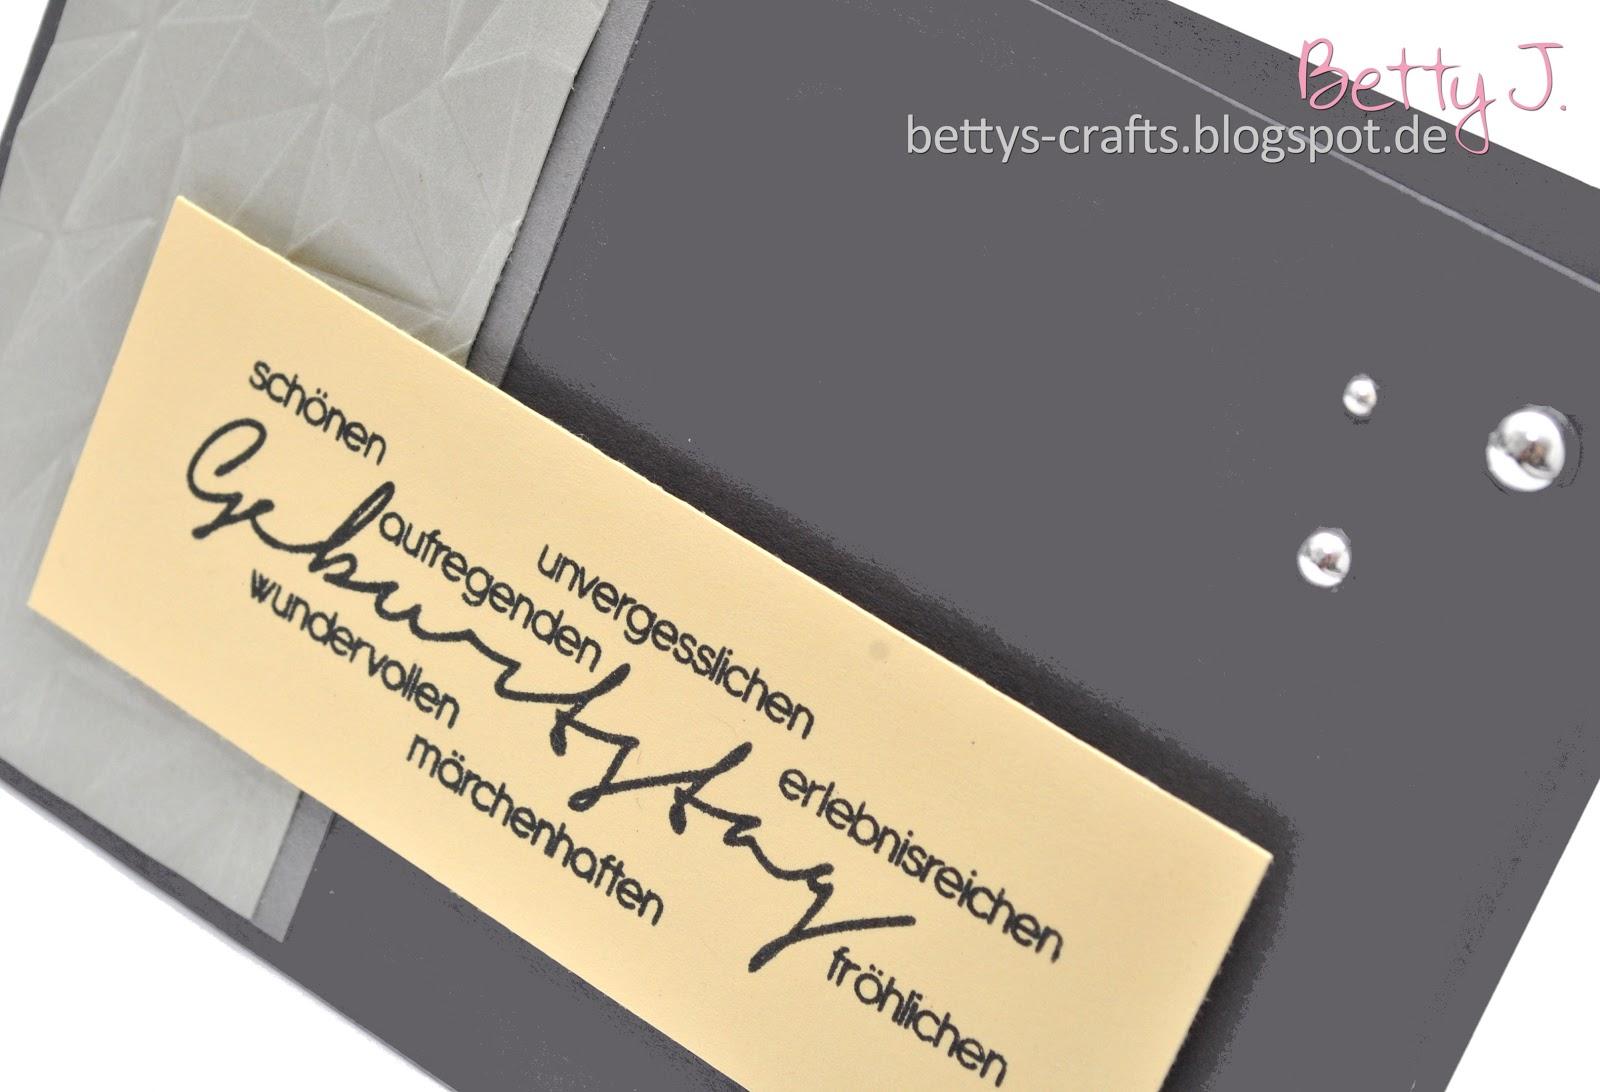 Bettys Crafts: Geburtstagskarte - die zweite